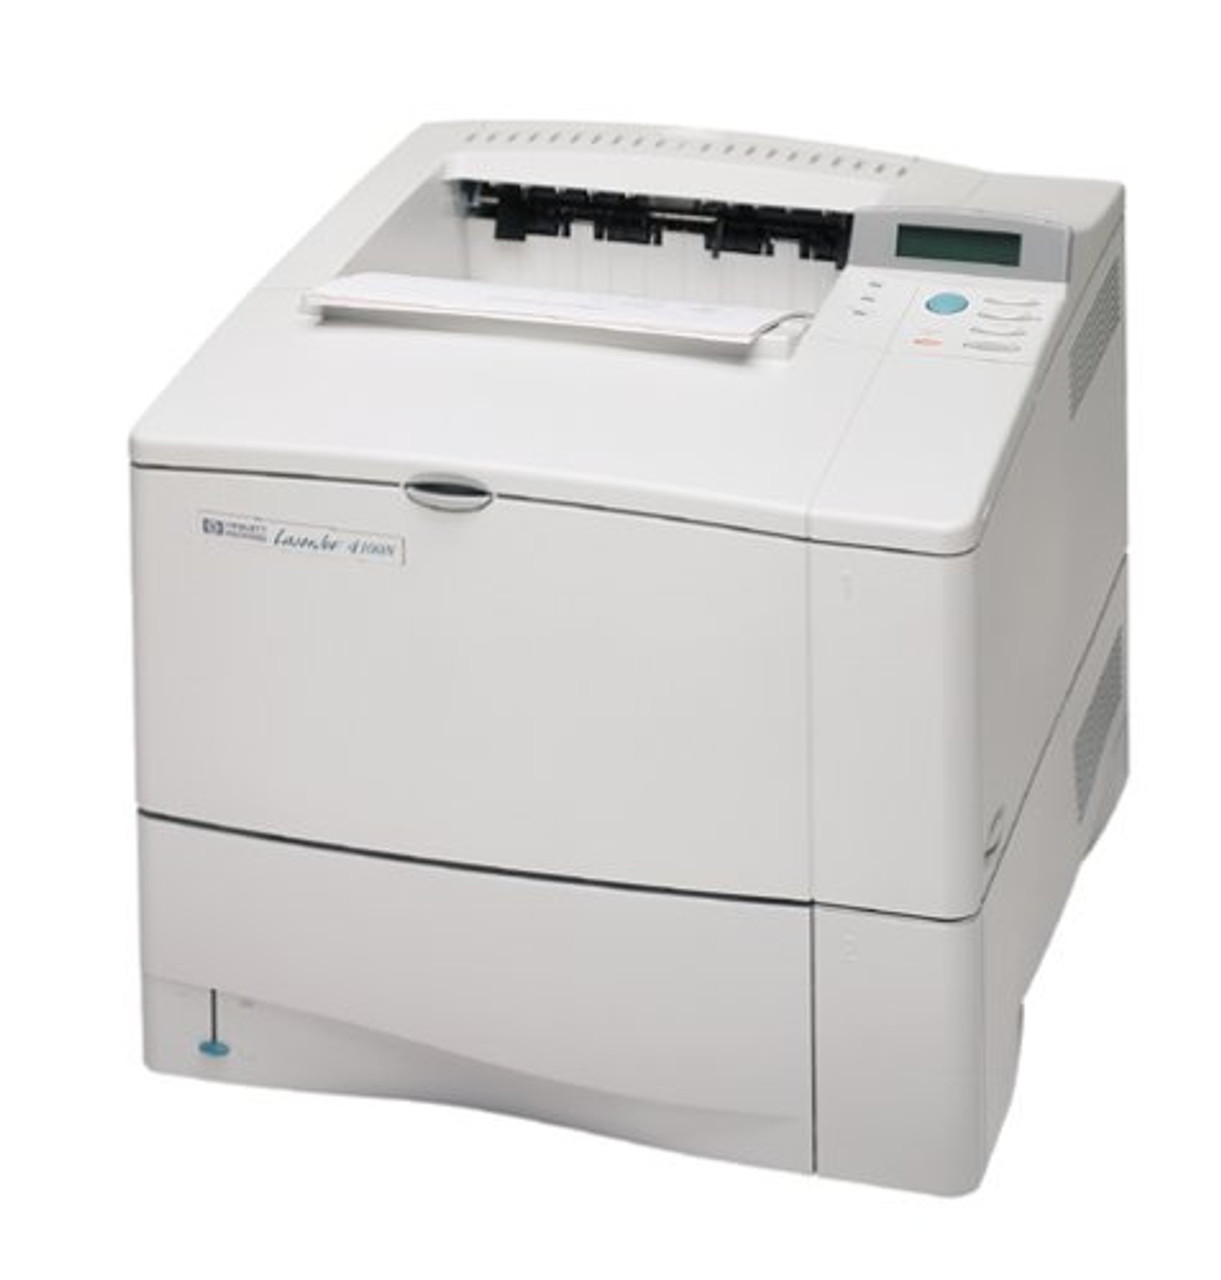 HP LaserJet 4100 - C8049A - HP Laser Printer for sale